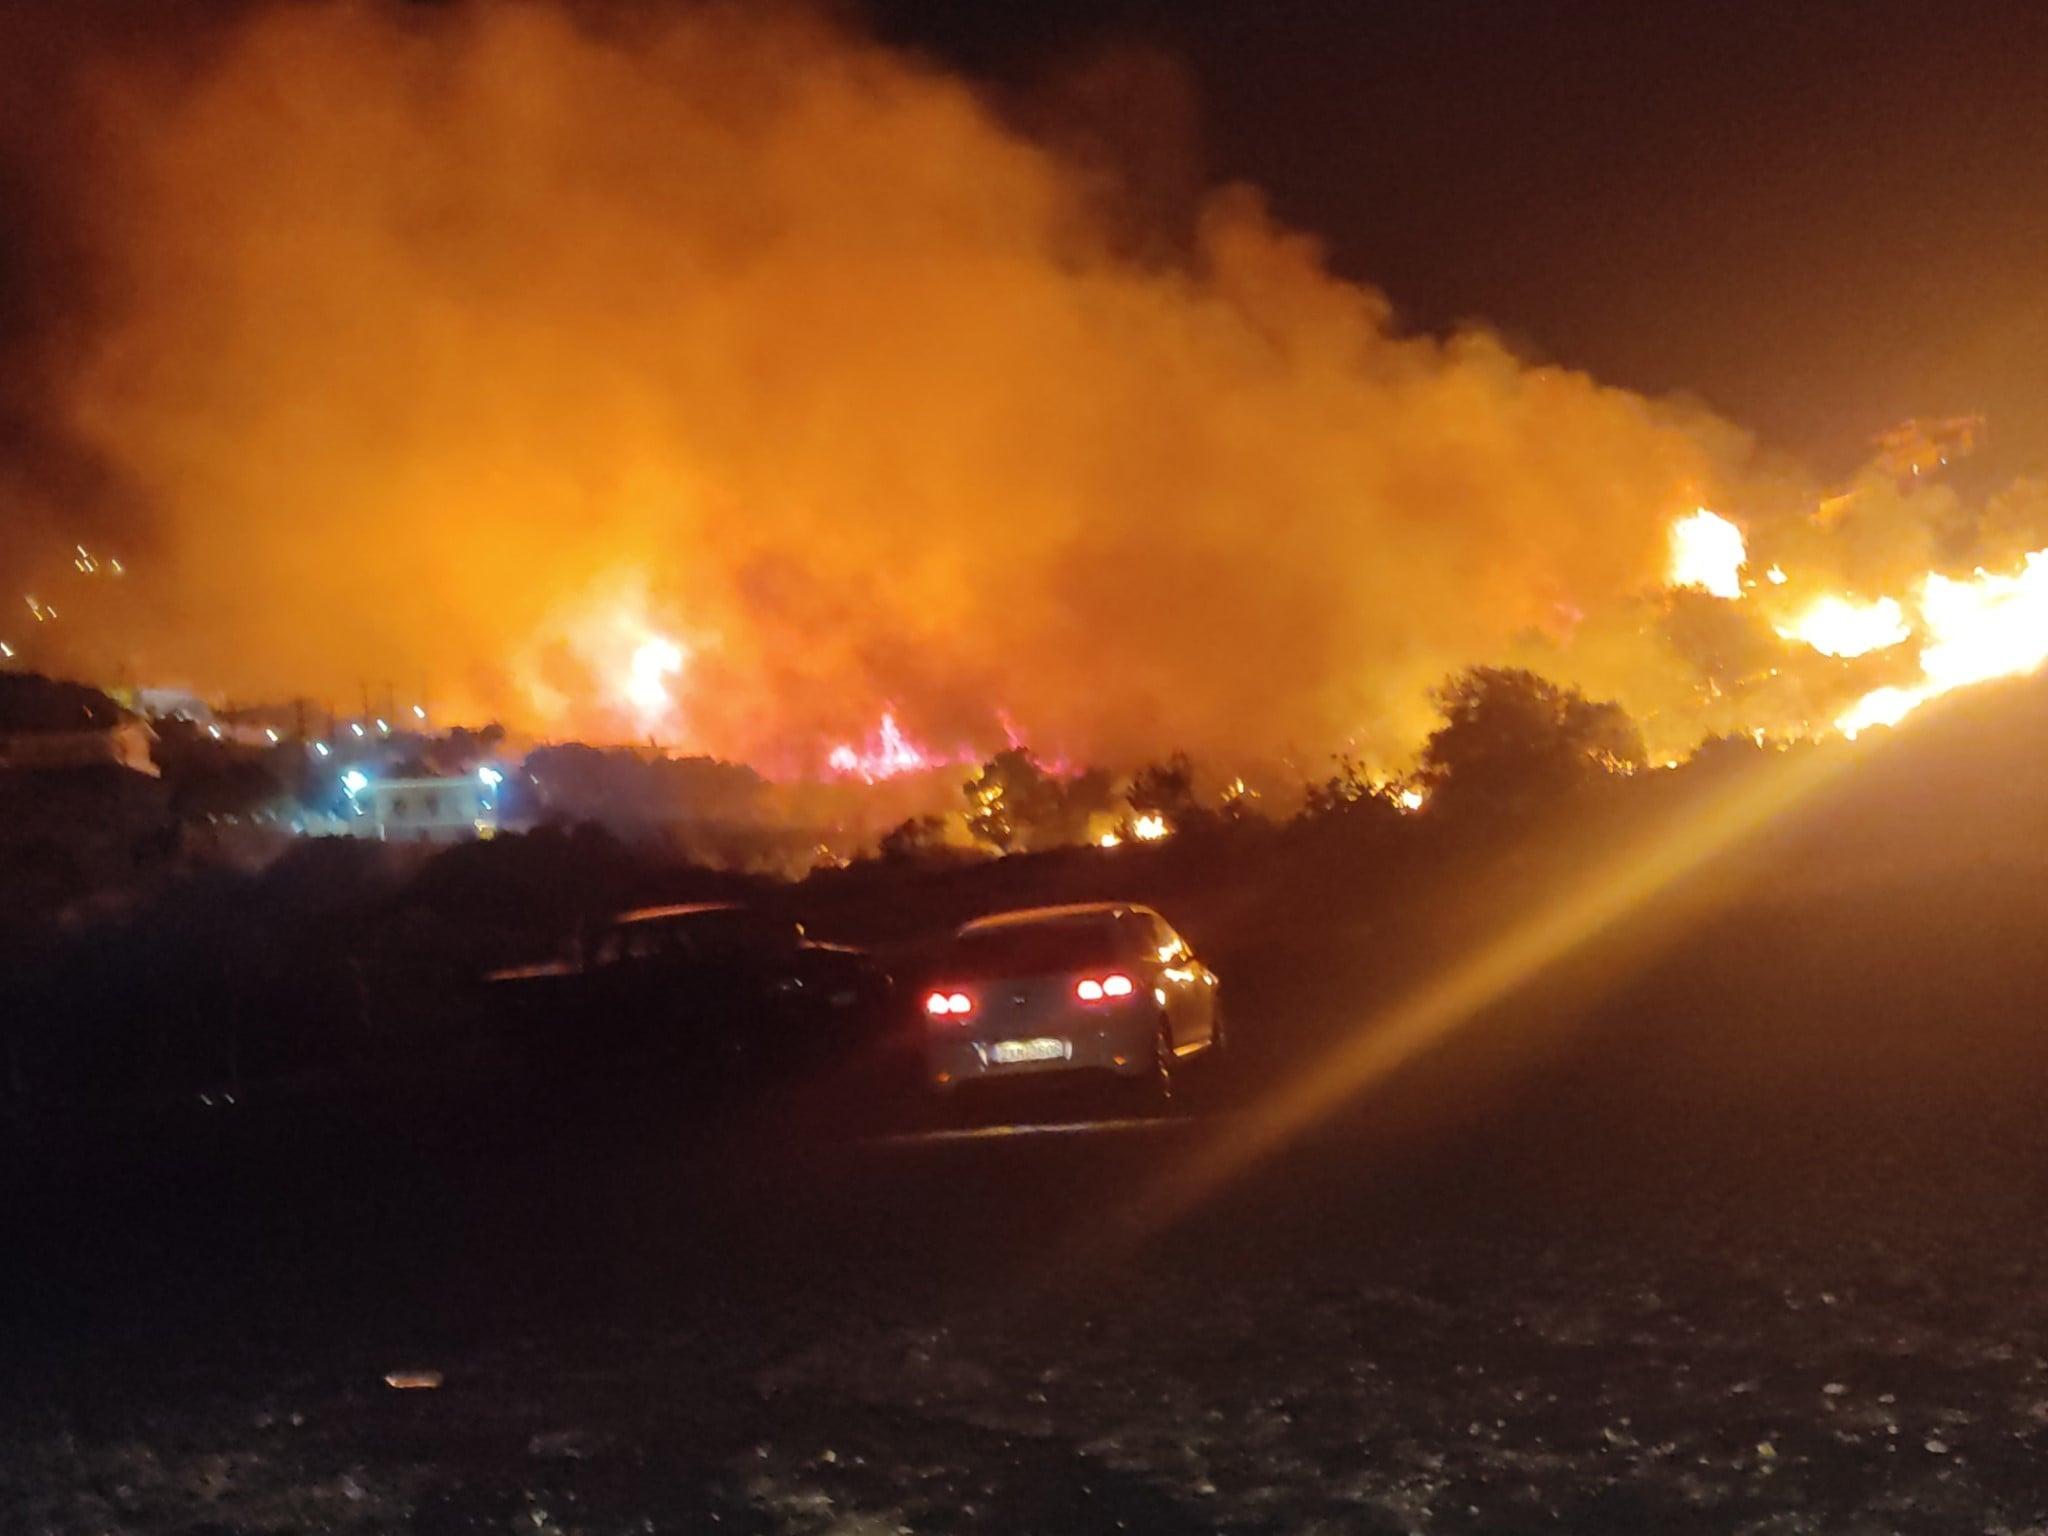 Φωτιά στο Δασκαλειό Κερατέας: Βρήκαν υπολείμματα φωτοβολίδας – Ανθρωποκυνηγητό για τους εμπρηστές – Εικόνες ντοκουμέντο